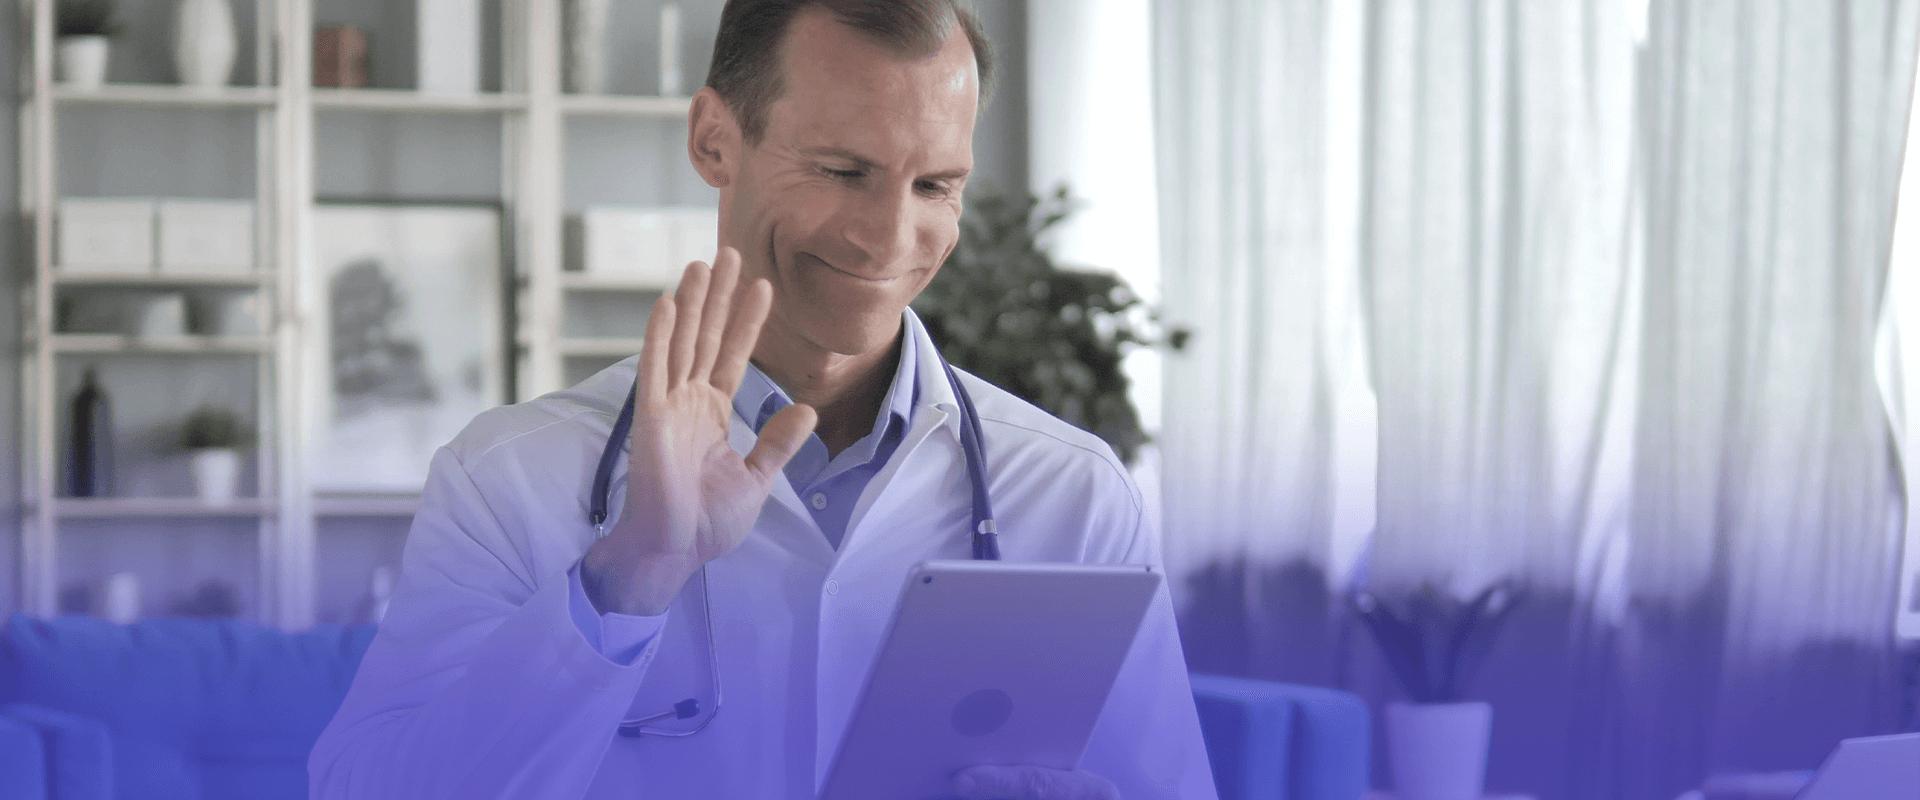 A telemedicina e a gestão de cuidado dos pacientes